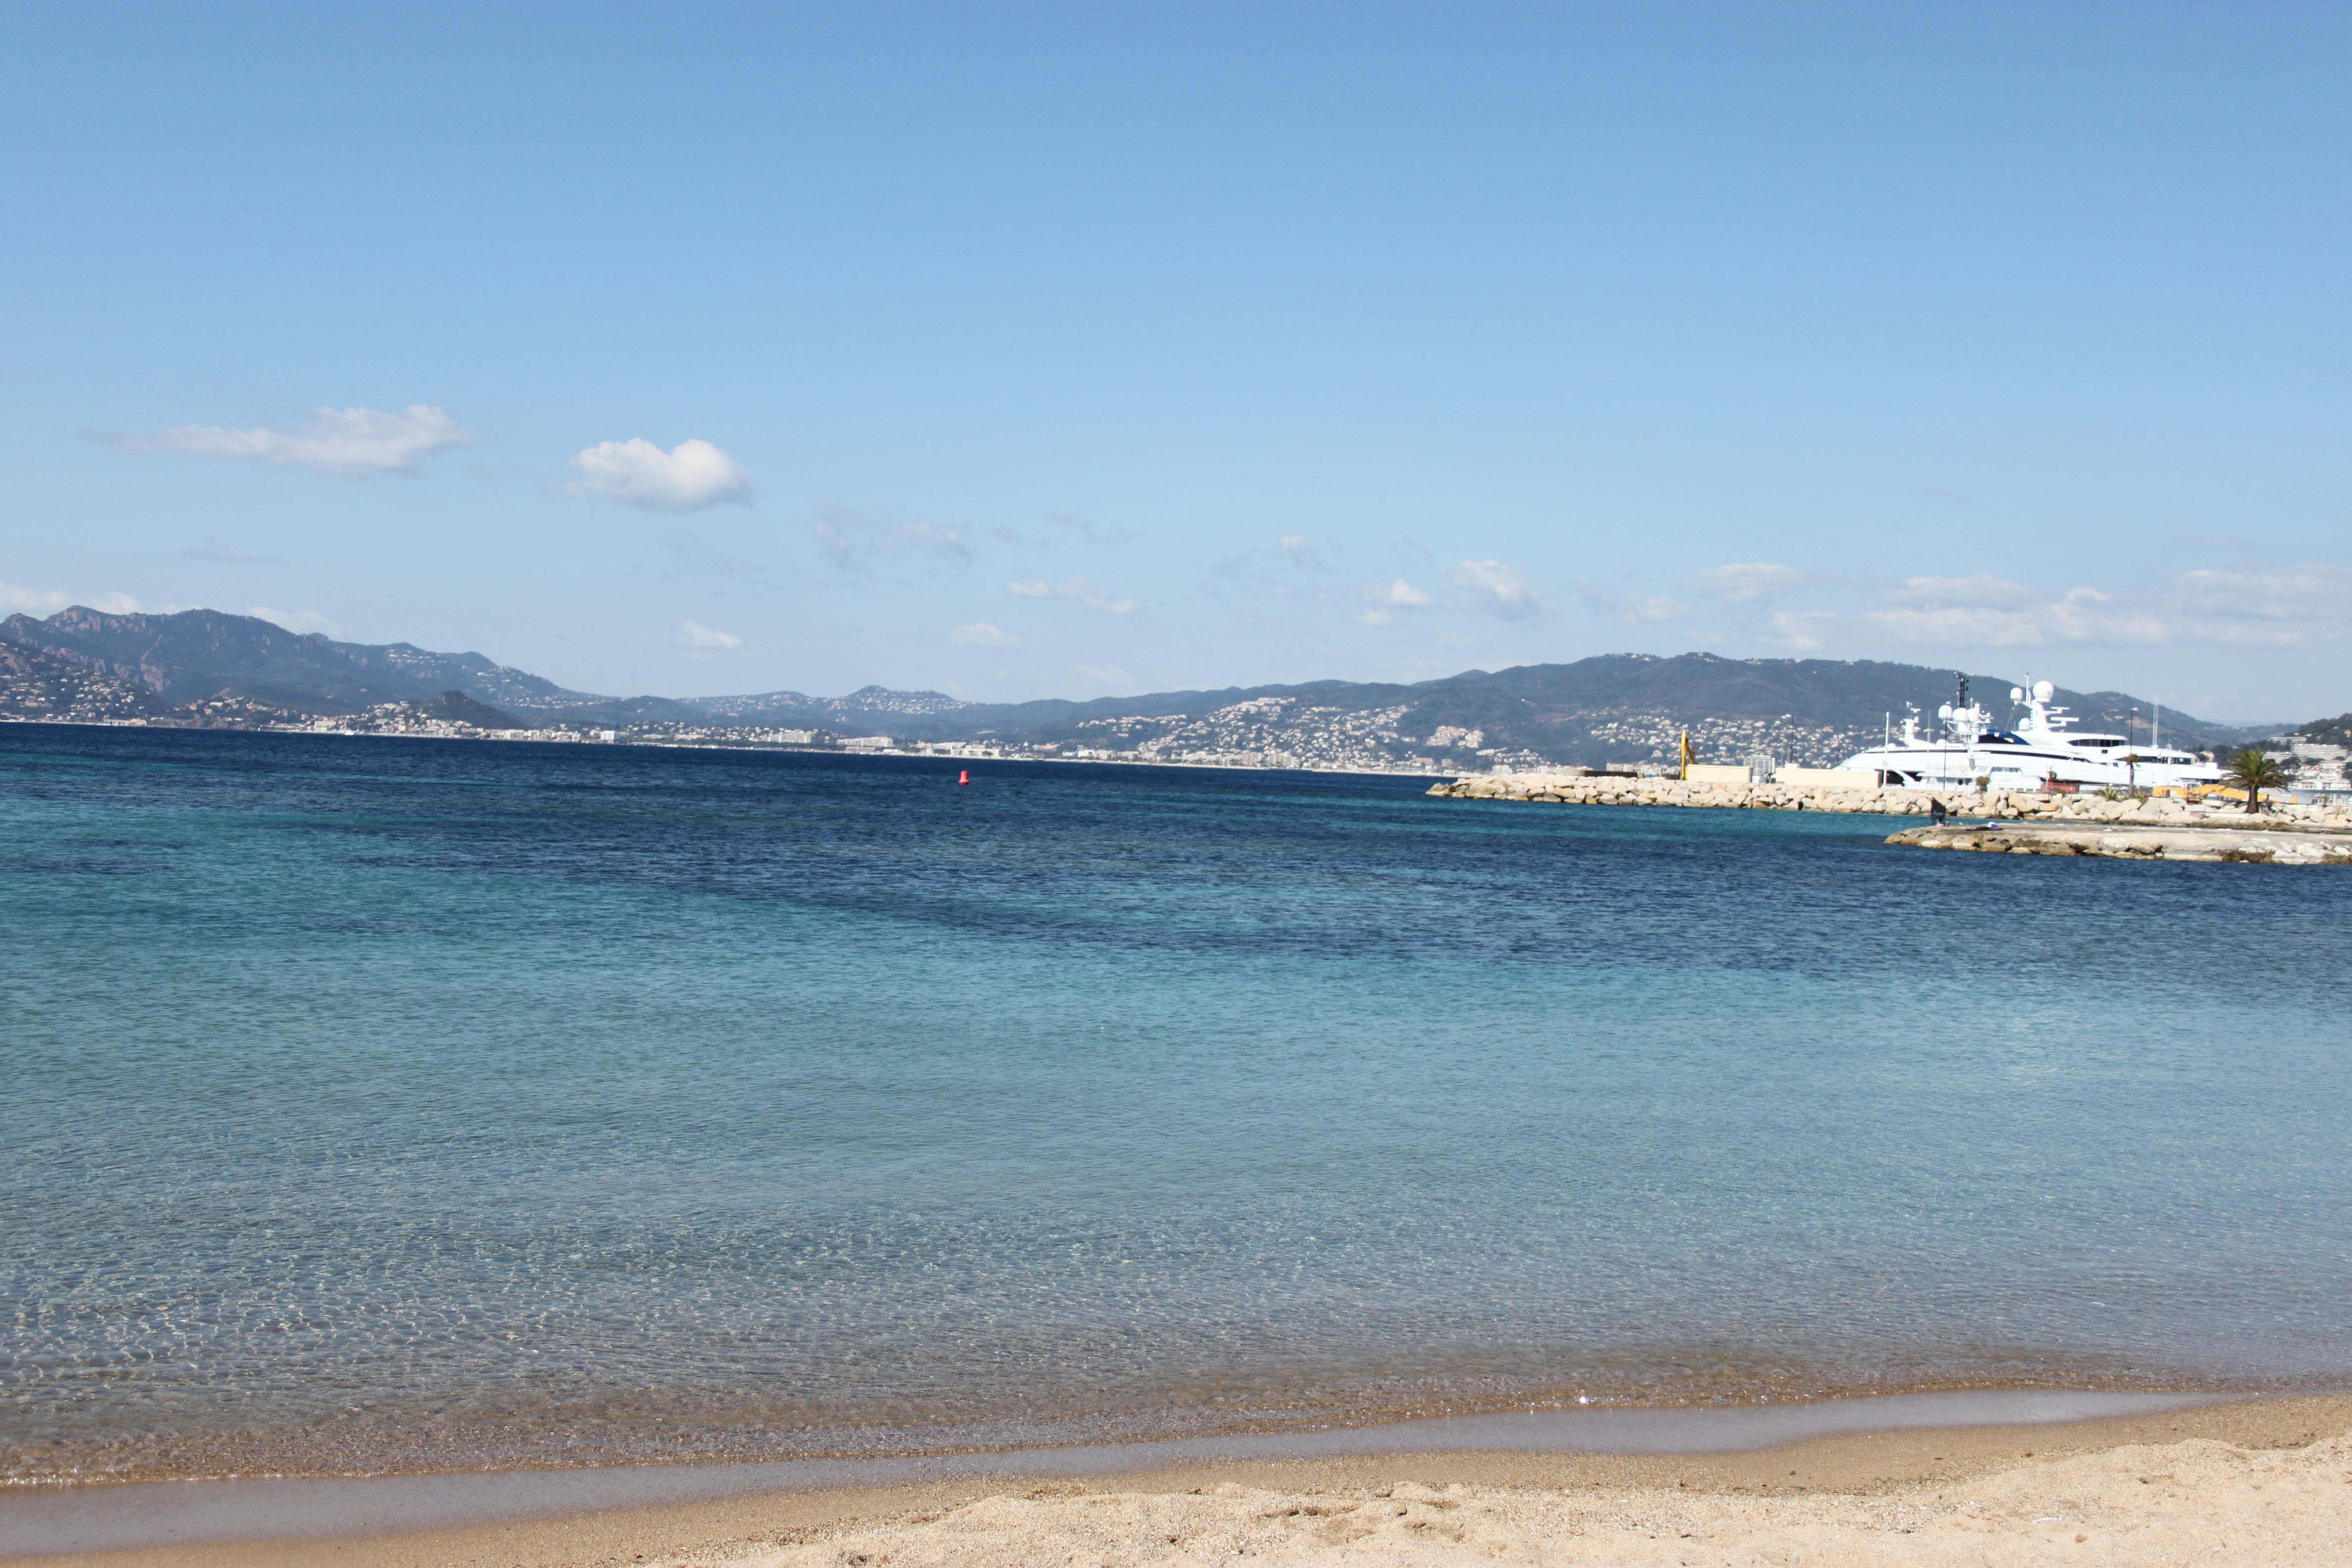 Mare di Cannes di #viaggiareapois